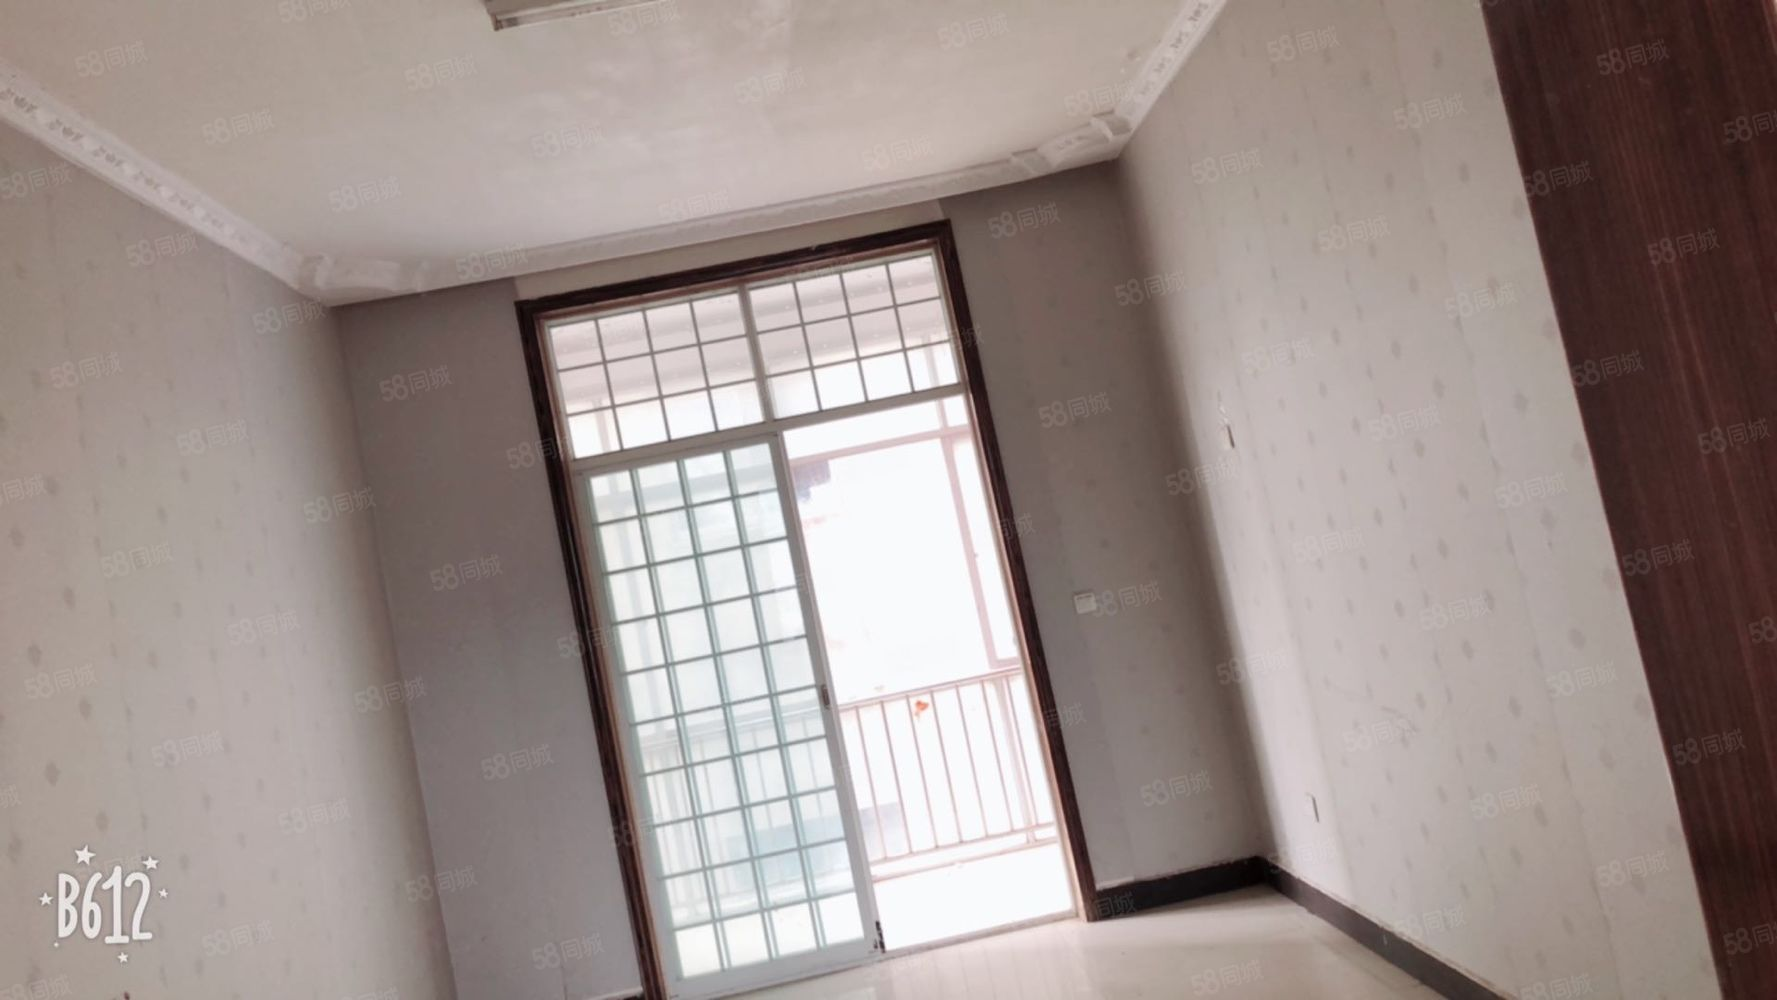 出租萬霖錢豐西一公里,五樓簡裝有床,空調等,看房方便